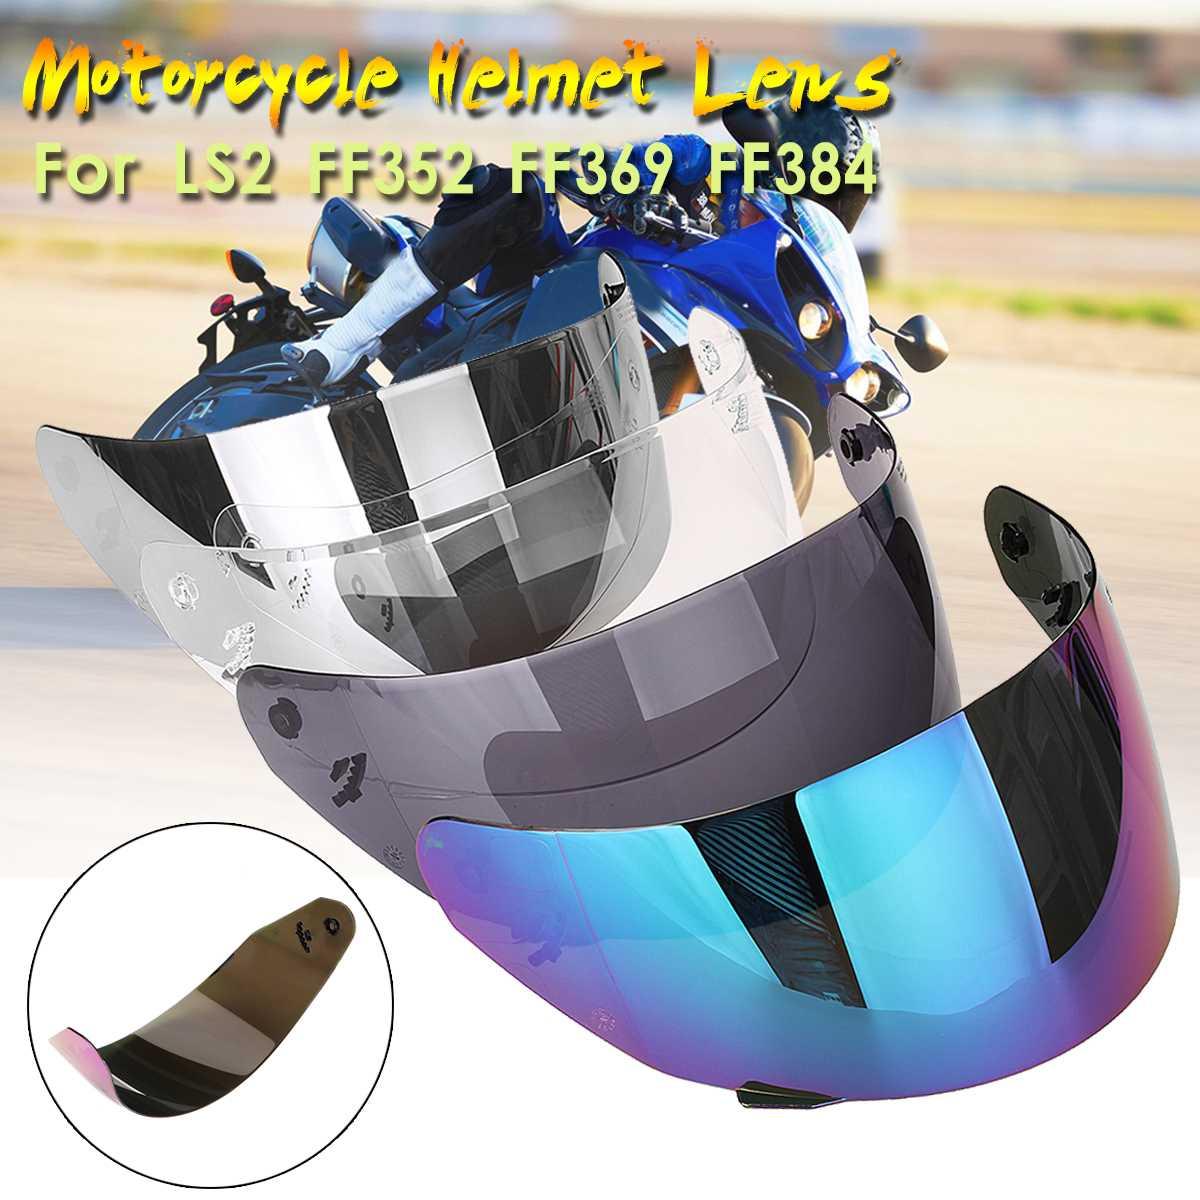 Helm Objektiv Full Face Motorrad Helm Visier Für LS2 FF352 FF351 FF369 FF384